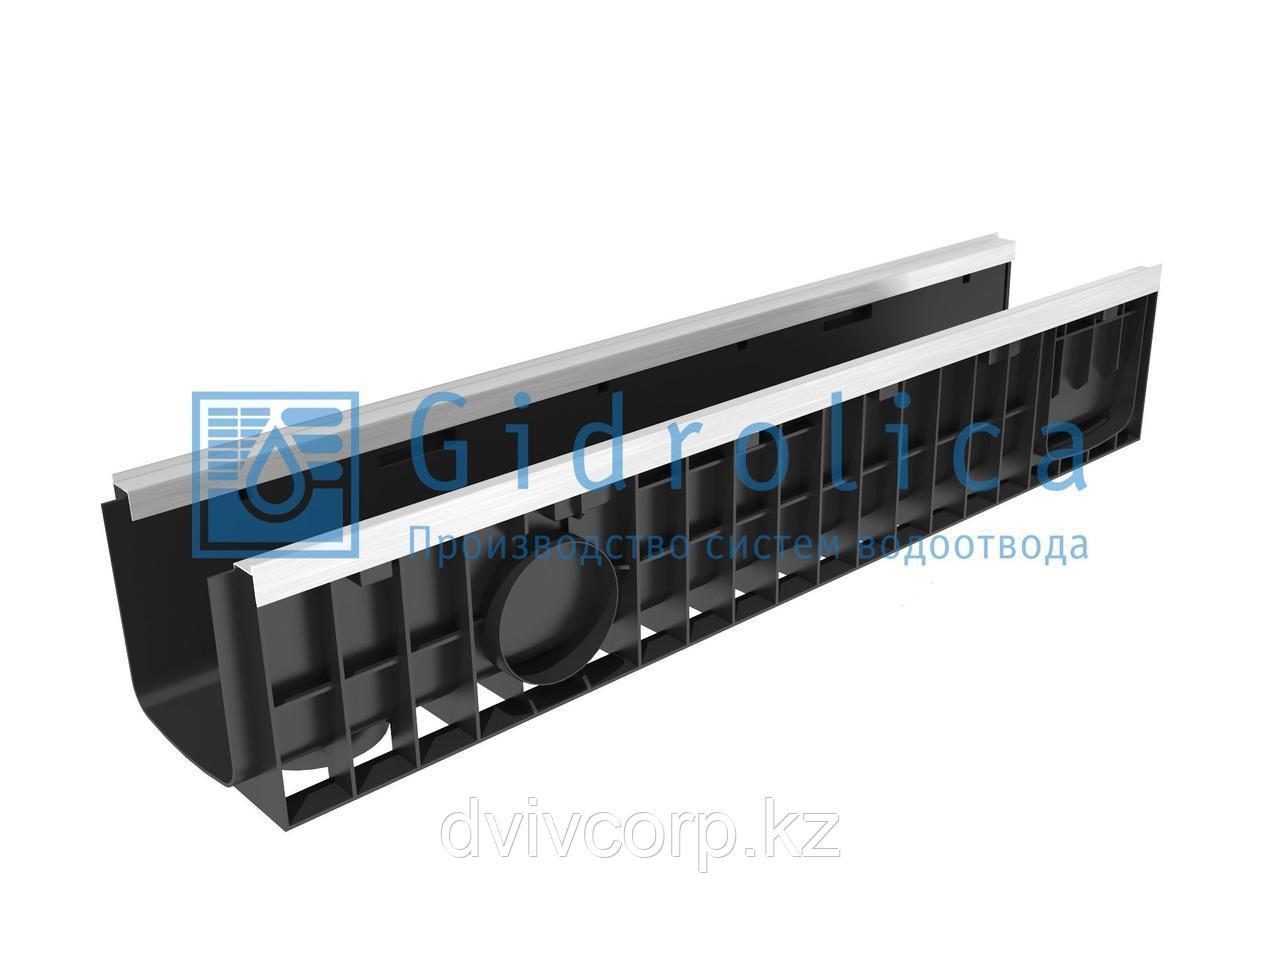 Арт. 8164 Лоток водоотводный Gidrolica Standart Plus ЛВ-15.19,6.18,5 - пластиковый (усиленный)